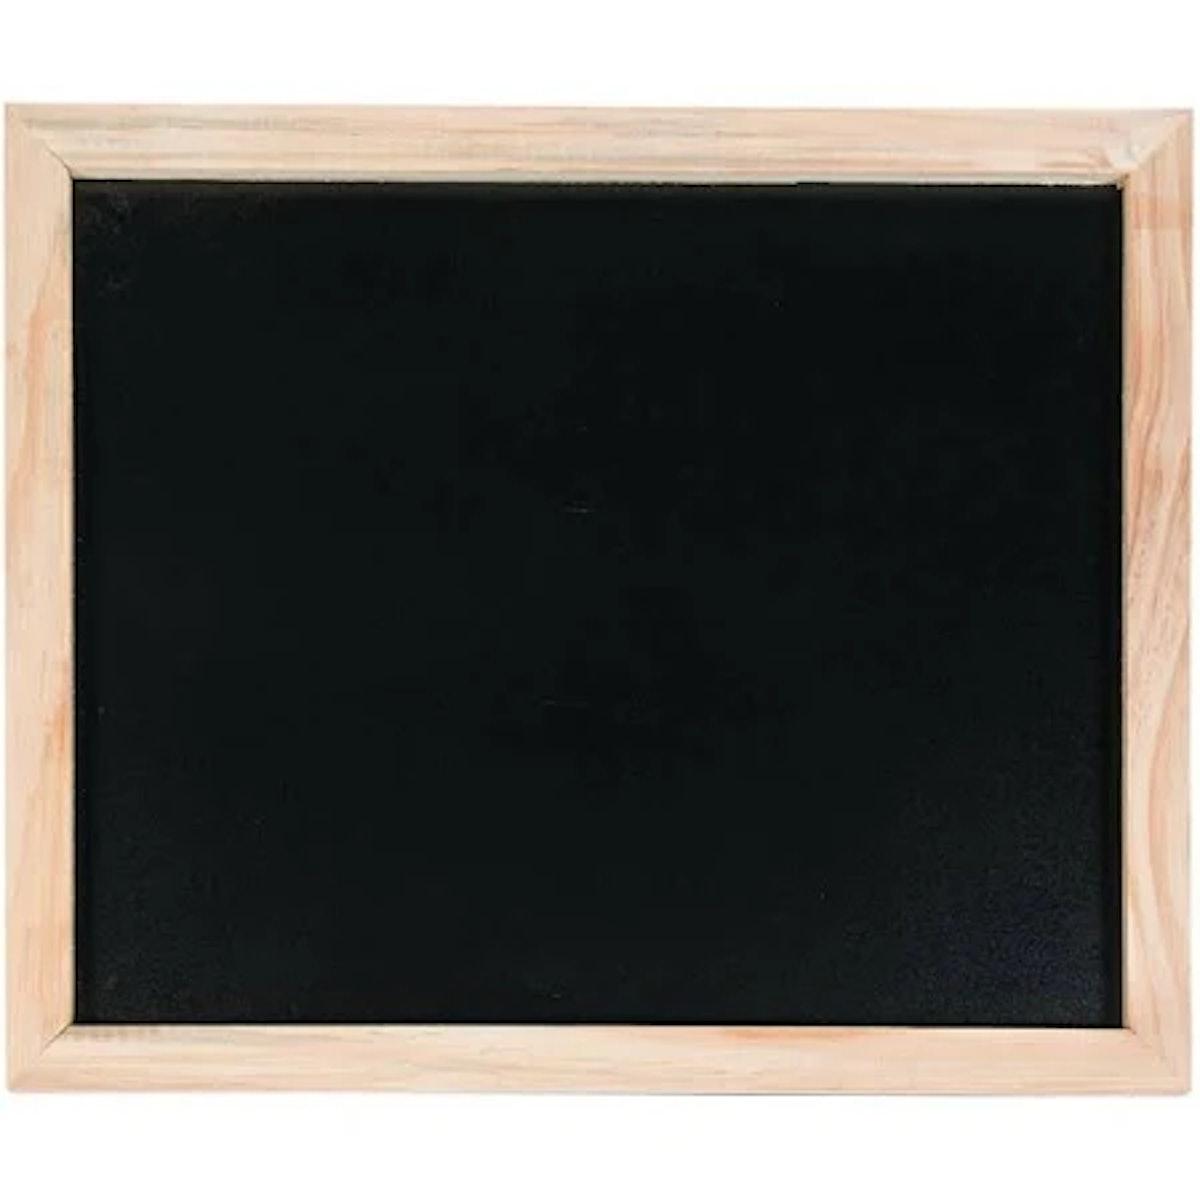 Oriental Trading Company Chalkboard Black